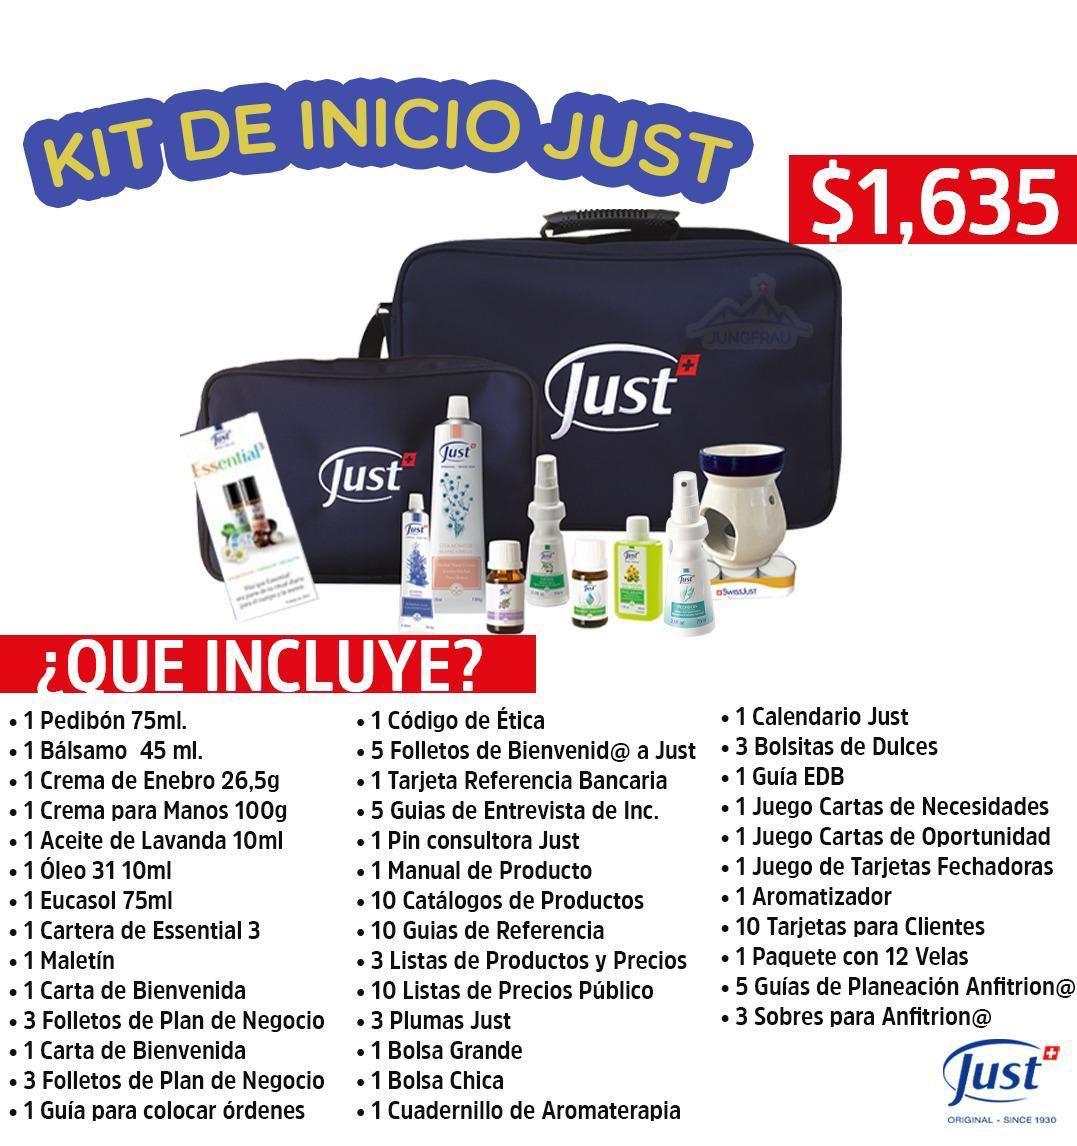 Tenemos dos kits de inicio increíbles por si quieres ser parte del equipo de #just. Escríbeme para mayor información.  #swissjust #swissjustmexico #bienestar #propiojefe #propionegocio #emprendimiento https://t.co/t6jQ7uitEM